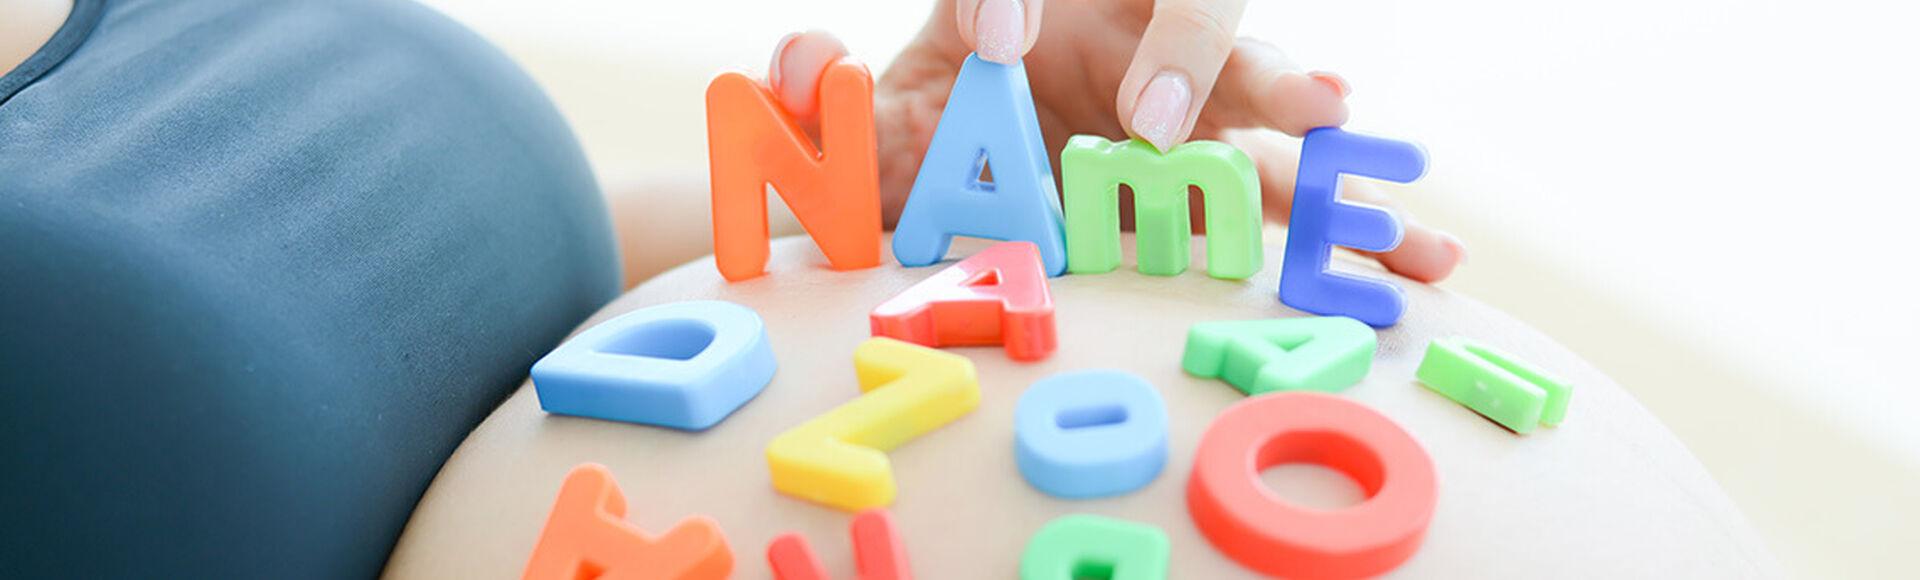 Como escolher o nome do meu bebê de acordo com o sobrenome?